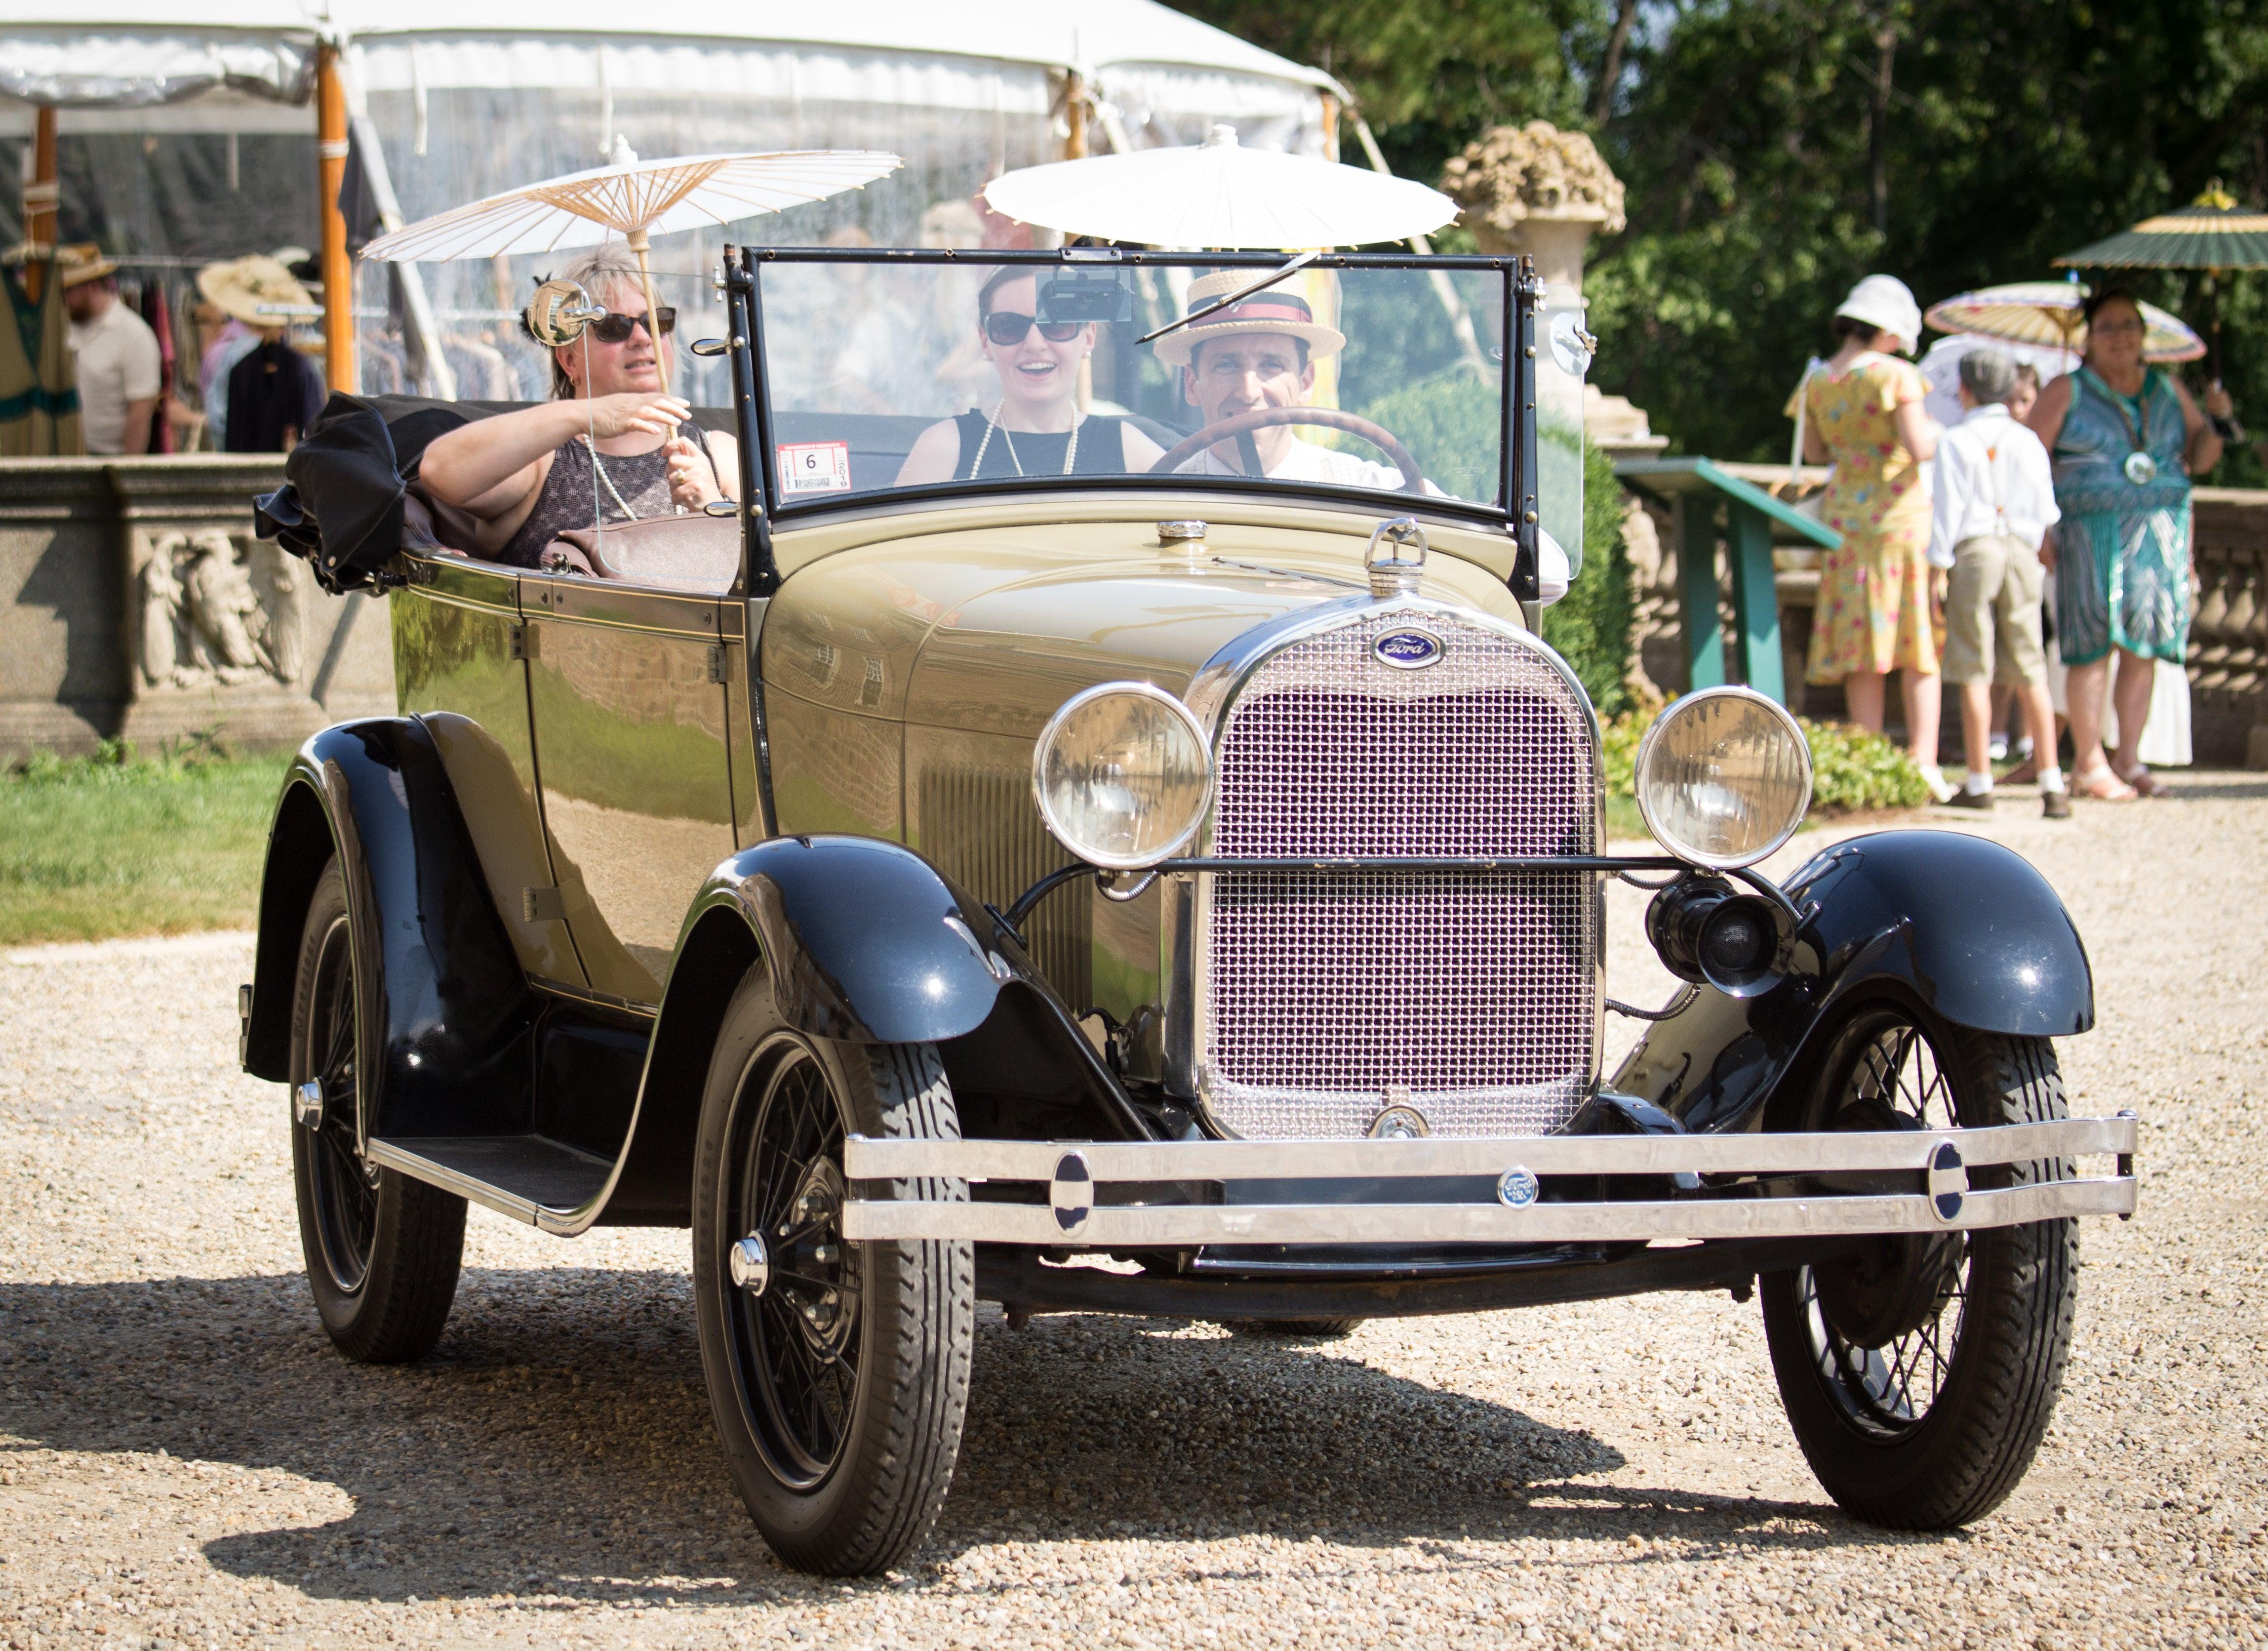 Roaring Twenties Lawn Party